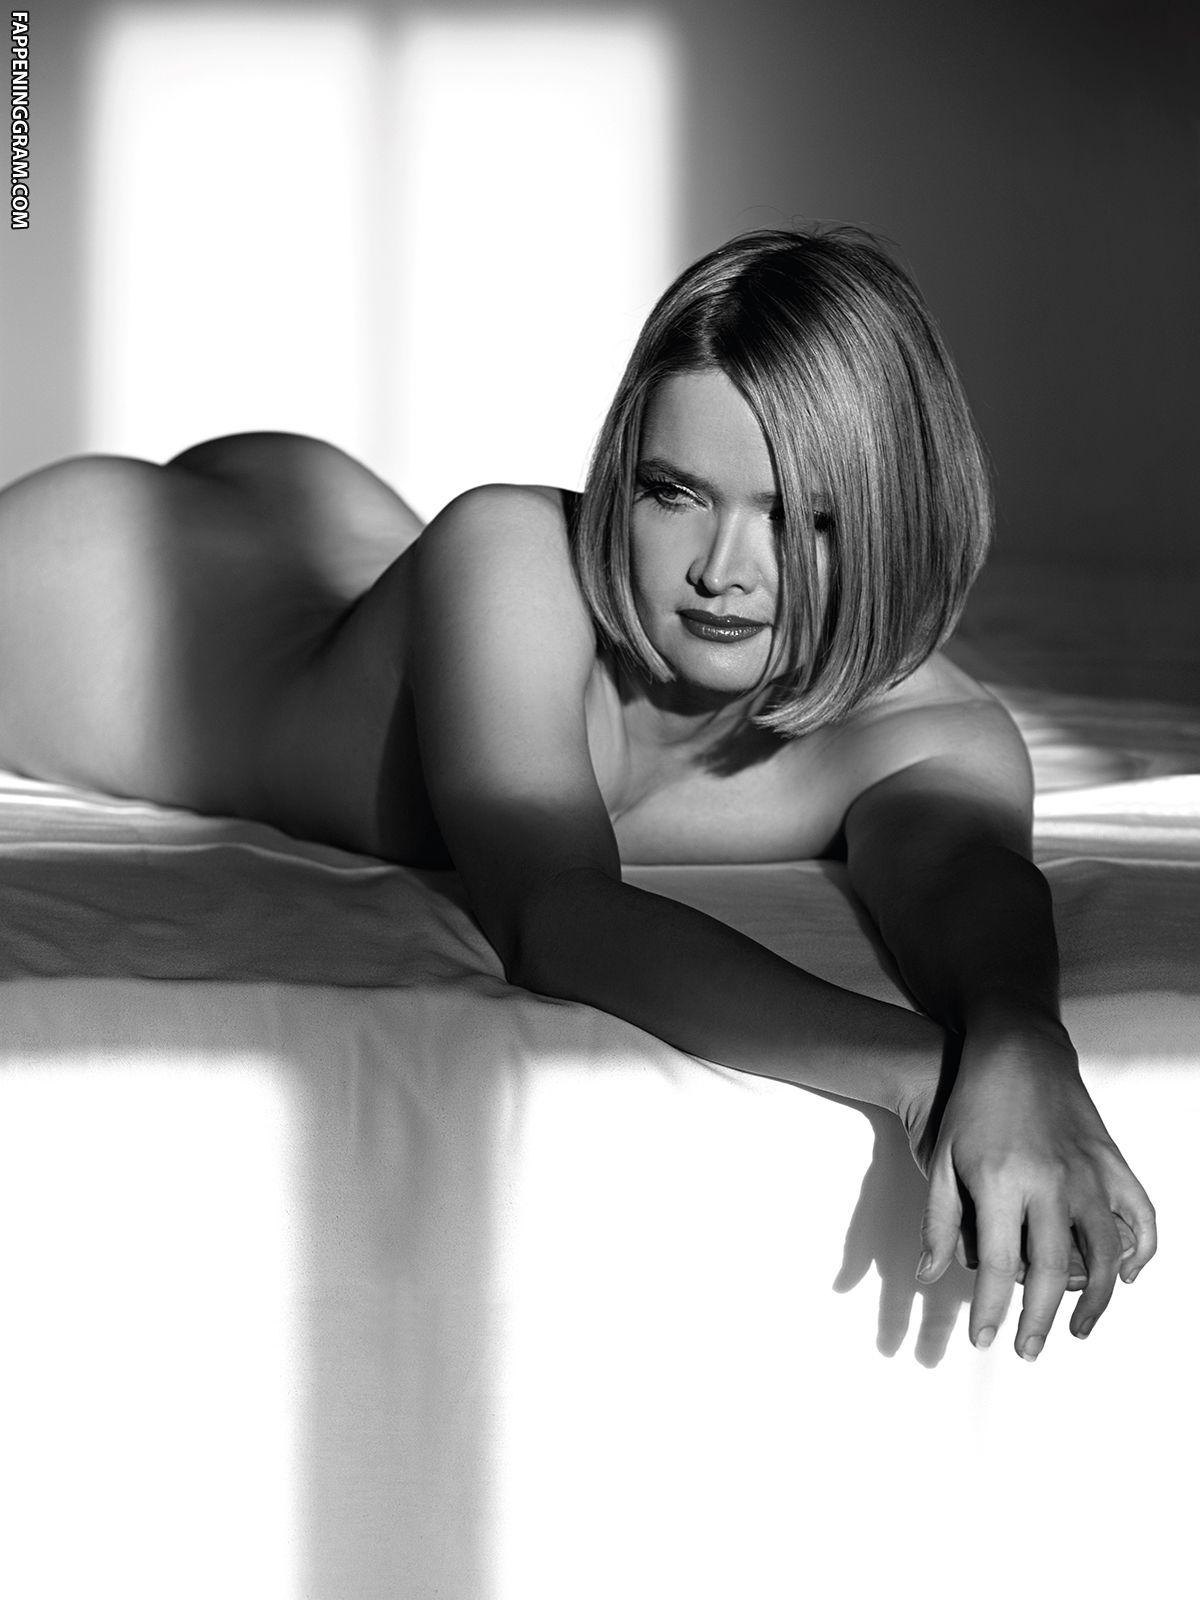 Nude julia biedermann Nude celebs